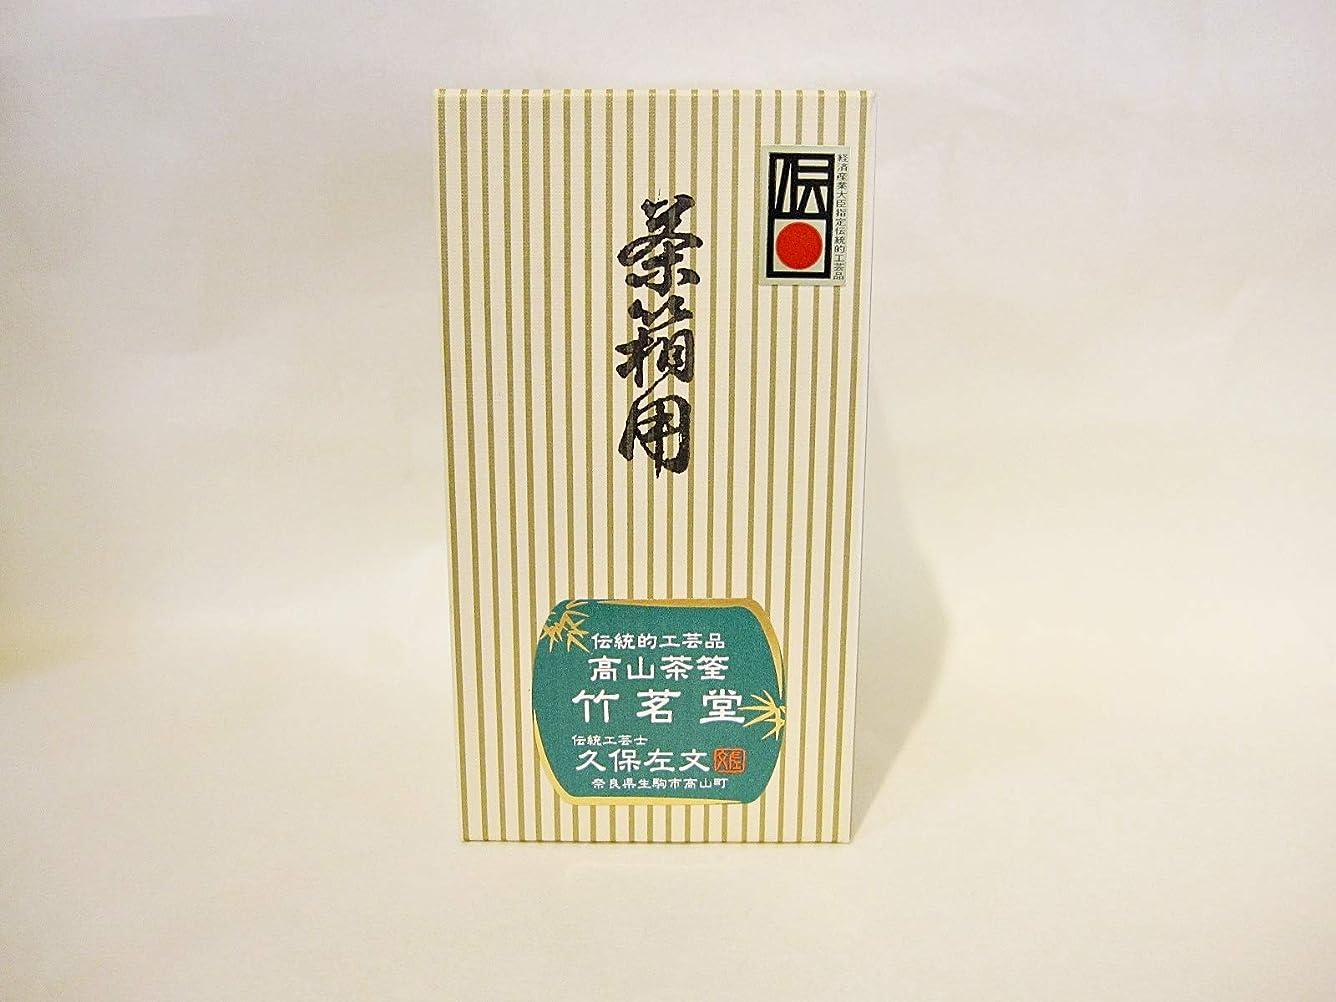 群れかび臭い上に築きます茶道具 茶筅 茶箱用 日本製 奈良 高山 伝統工芸士 竹茗堂 久保左文作